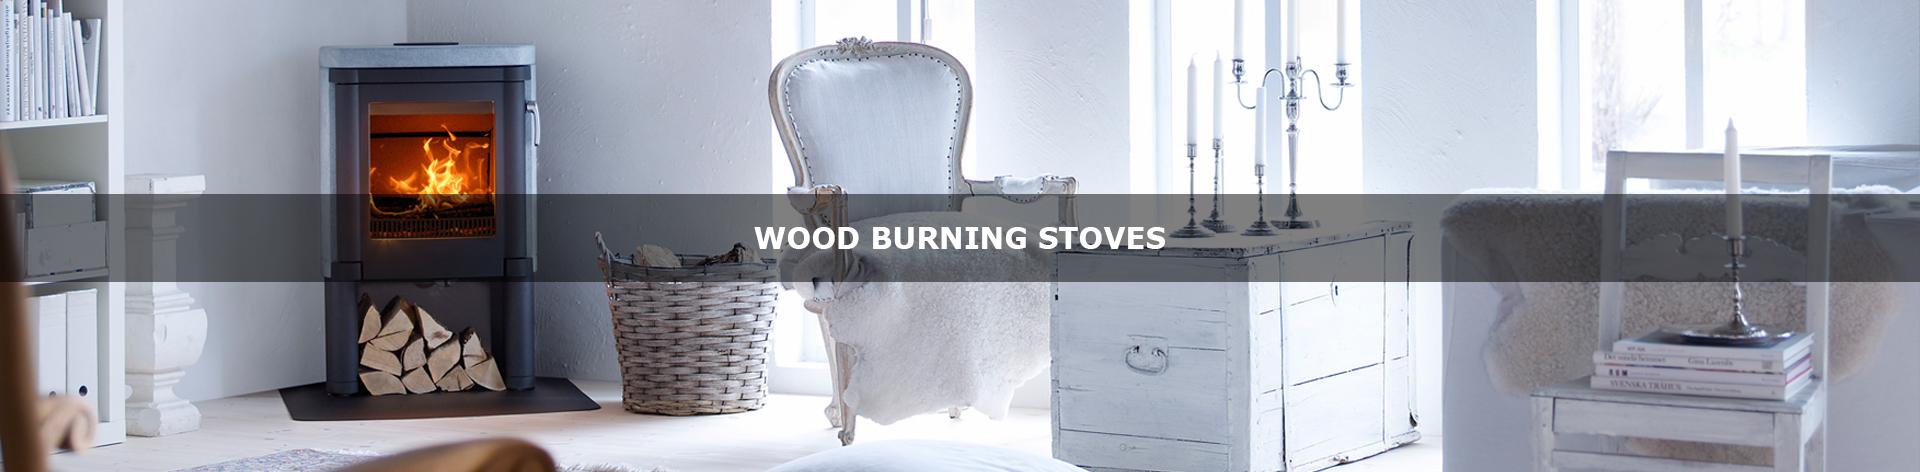 Wood Burning Stoves Glasgow - Stove World Glasgow Scotland